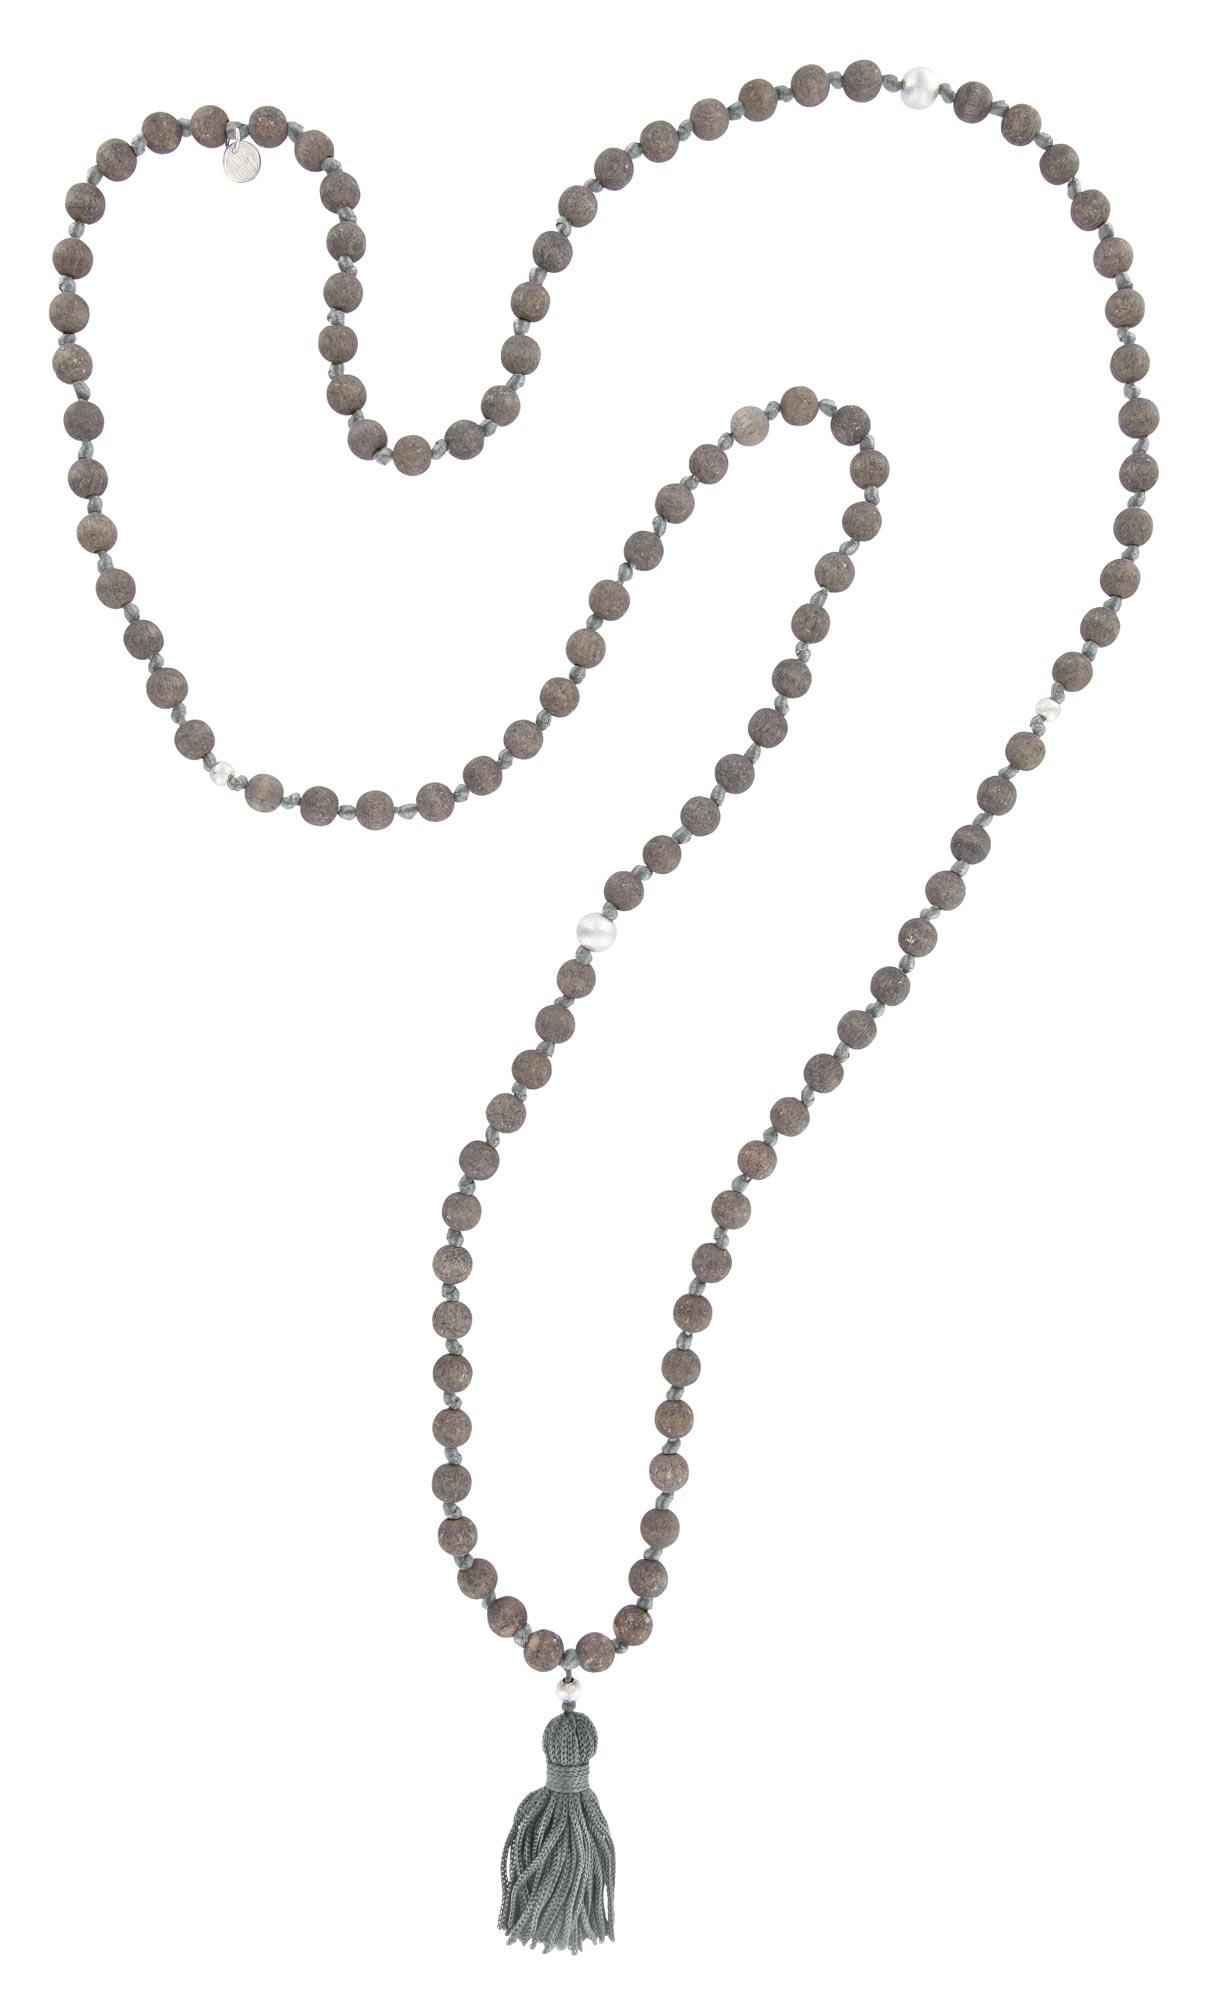 """Mala-Kette """"Vintage"""" - Holz Grau, Quaste Silbergrau, Perle Silber"""